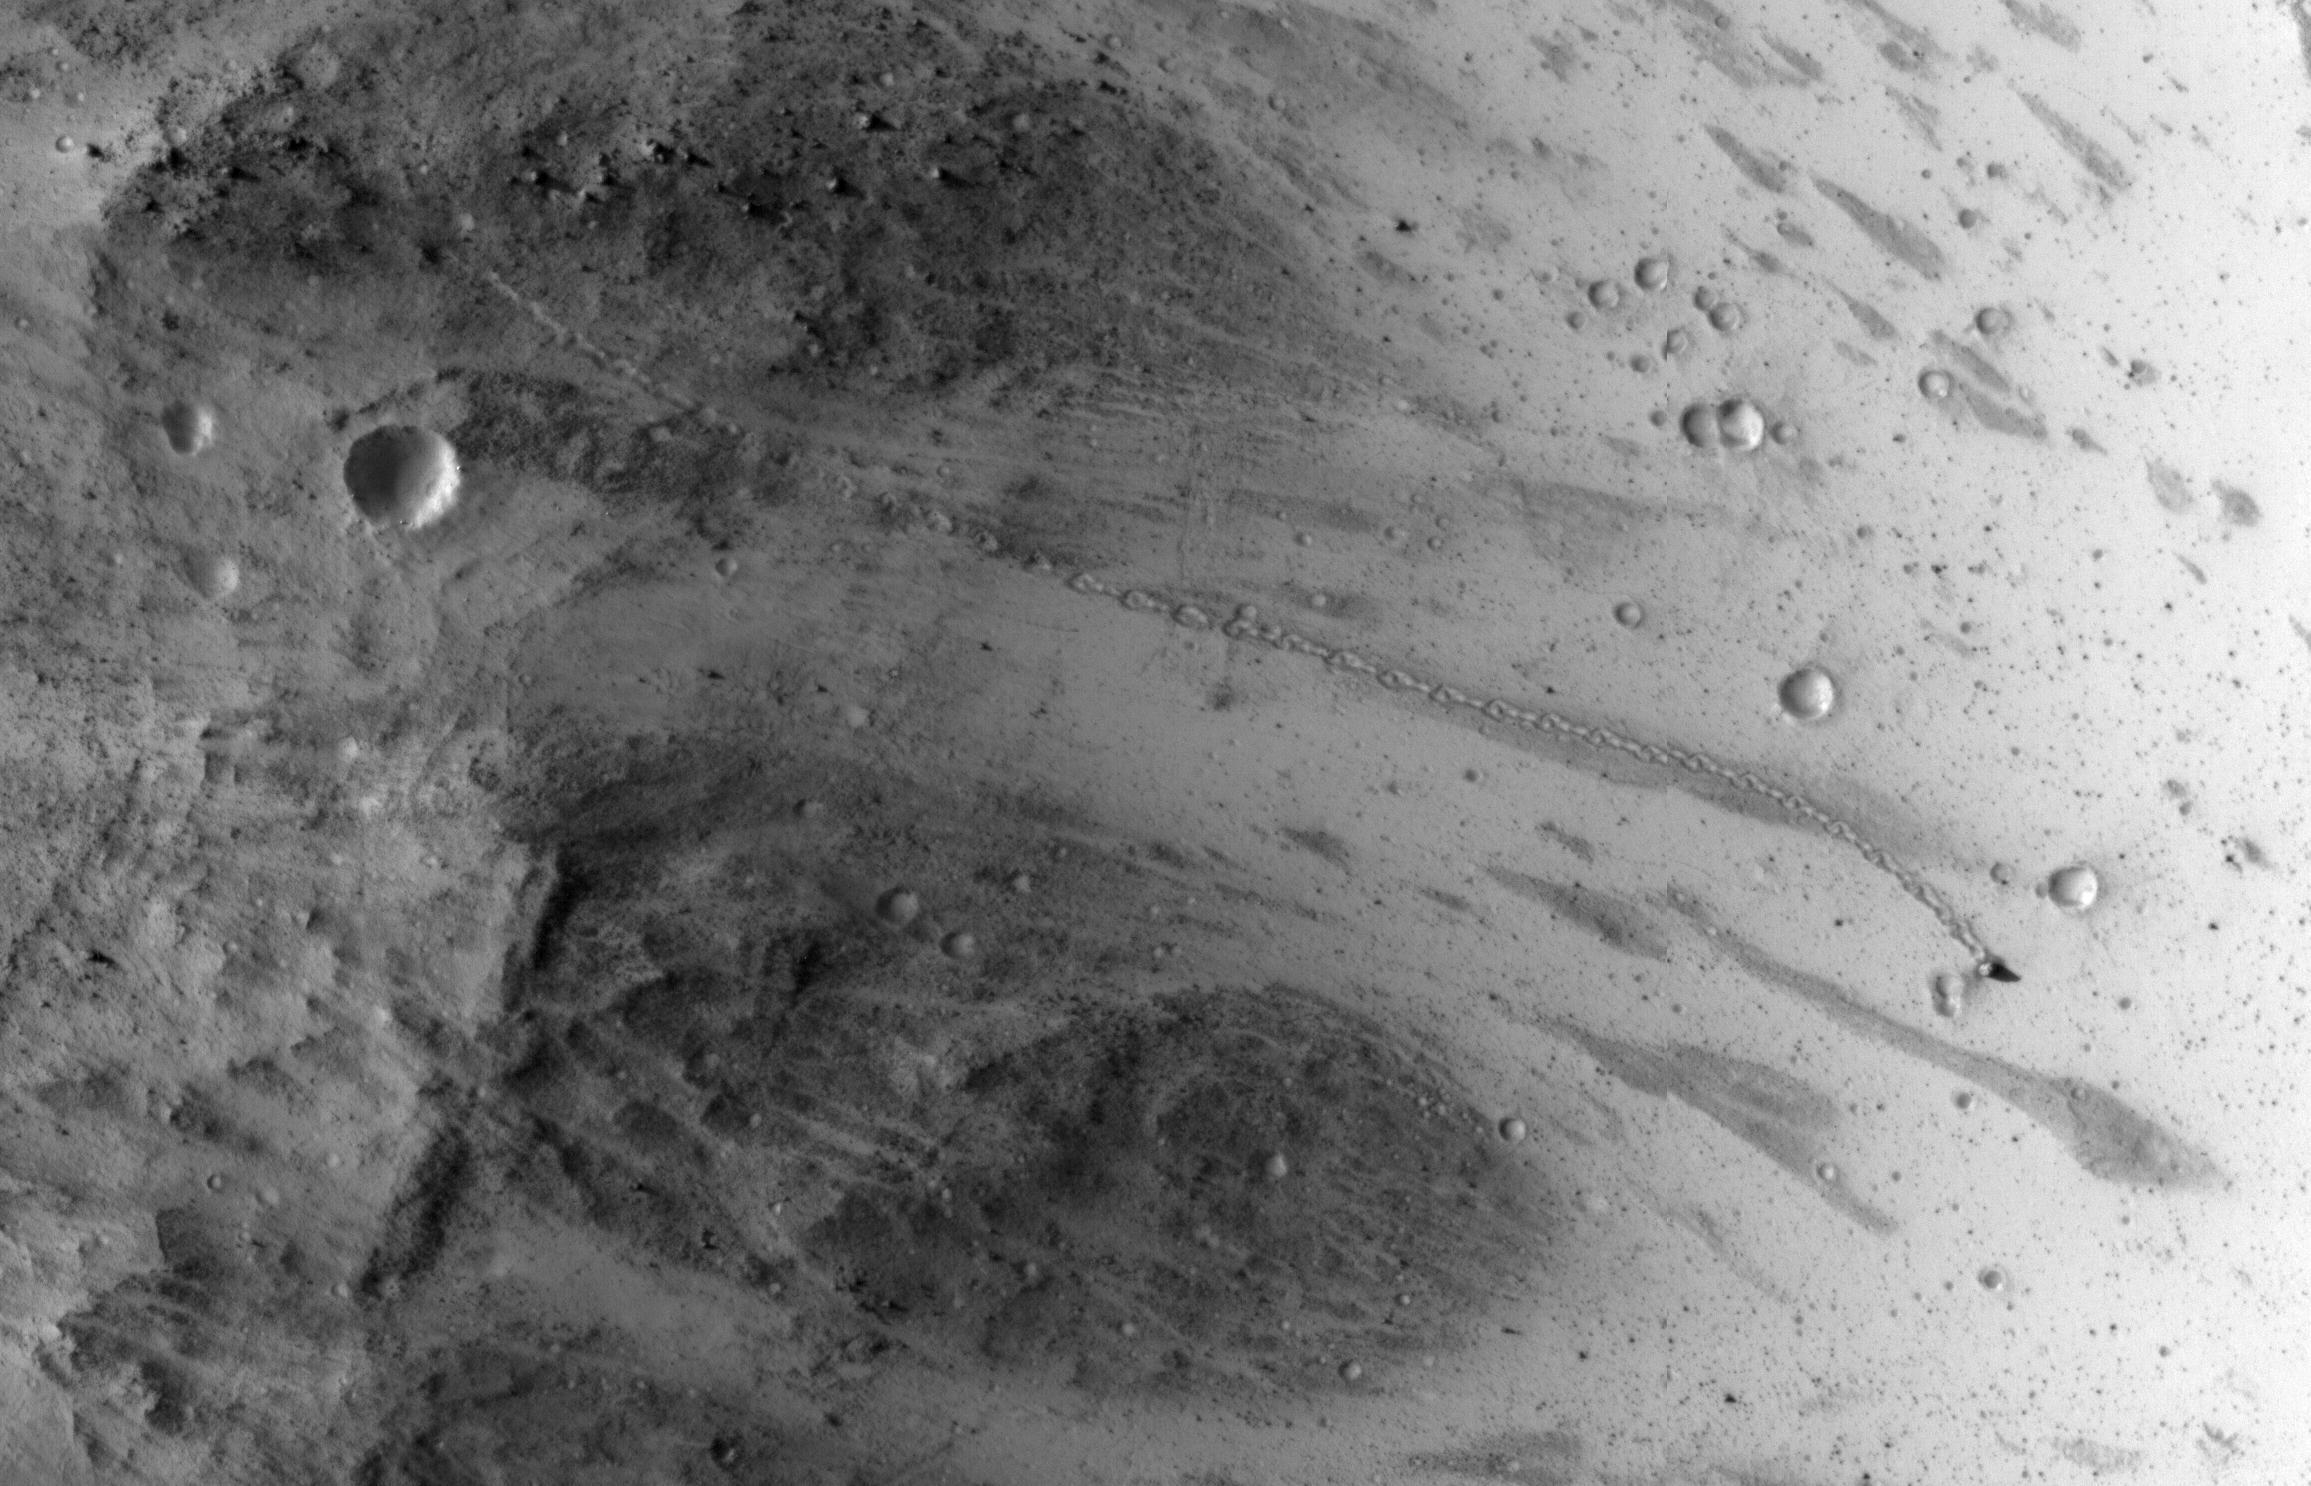 Марсианский булыжник оставил след, видимый с орбиты